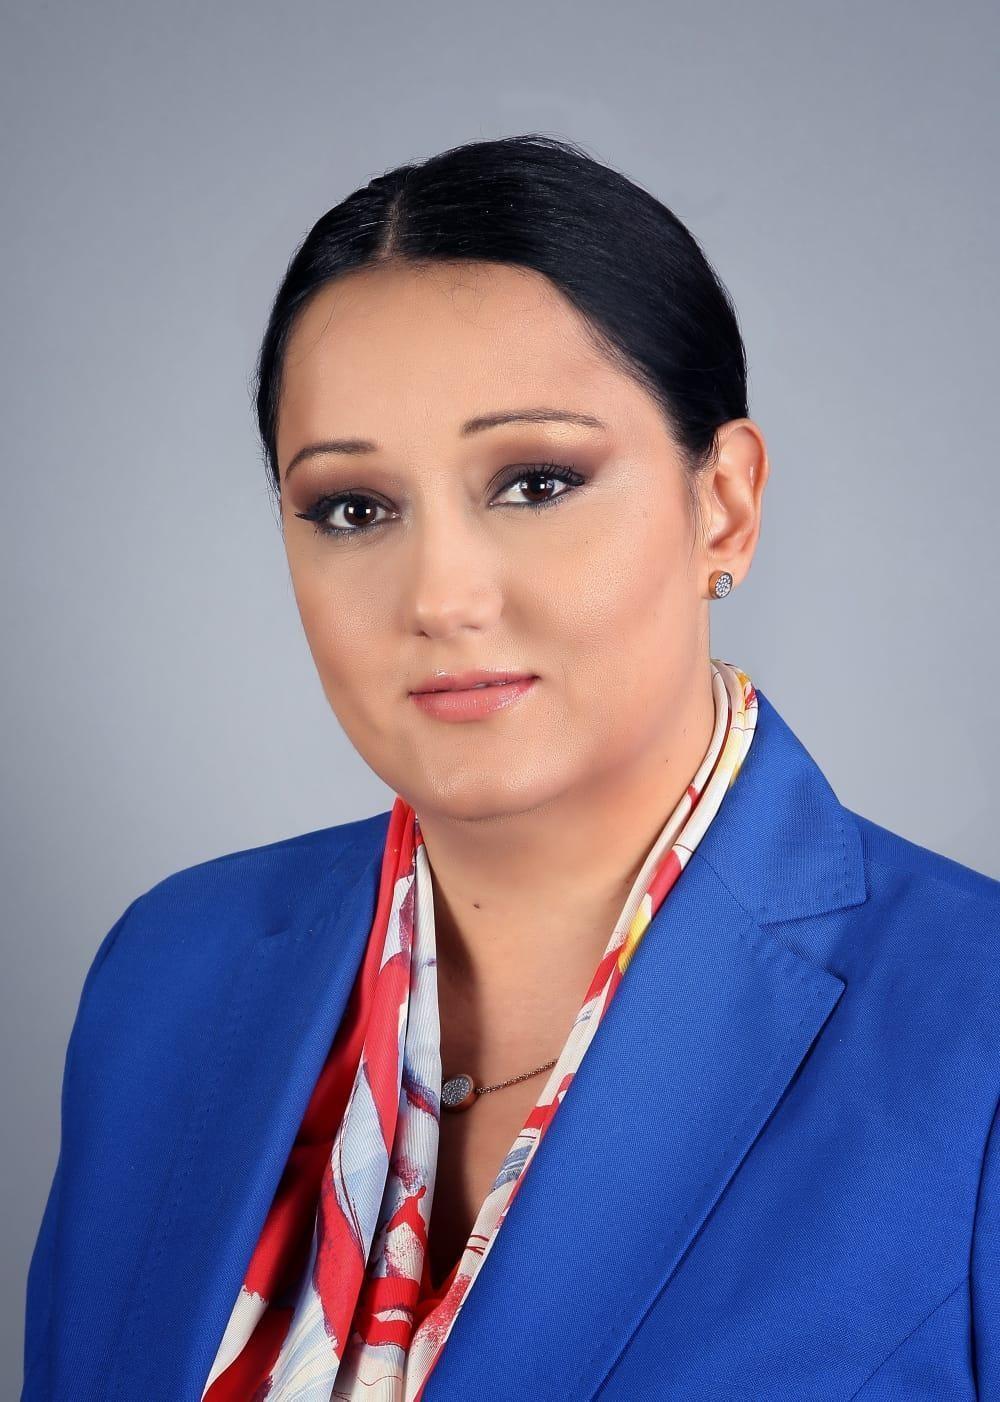 Pavlova Lilyana